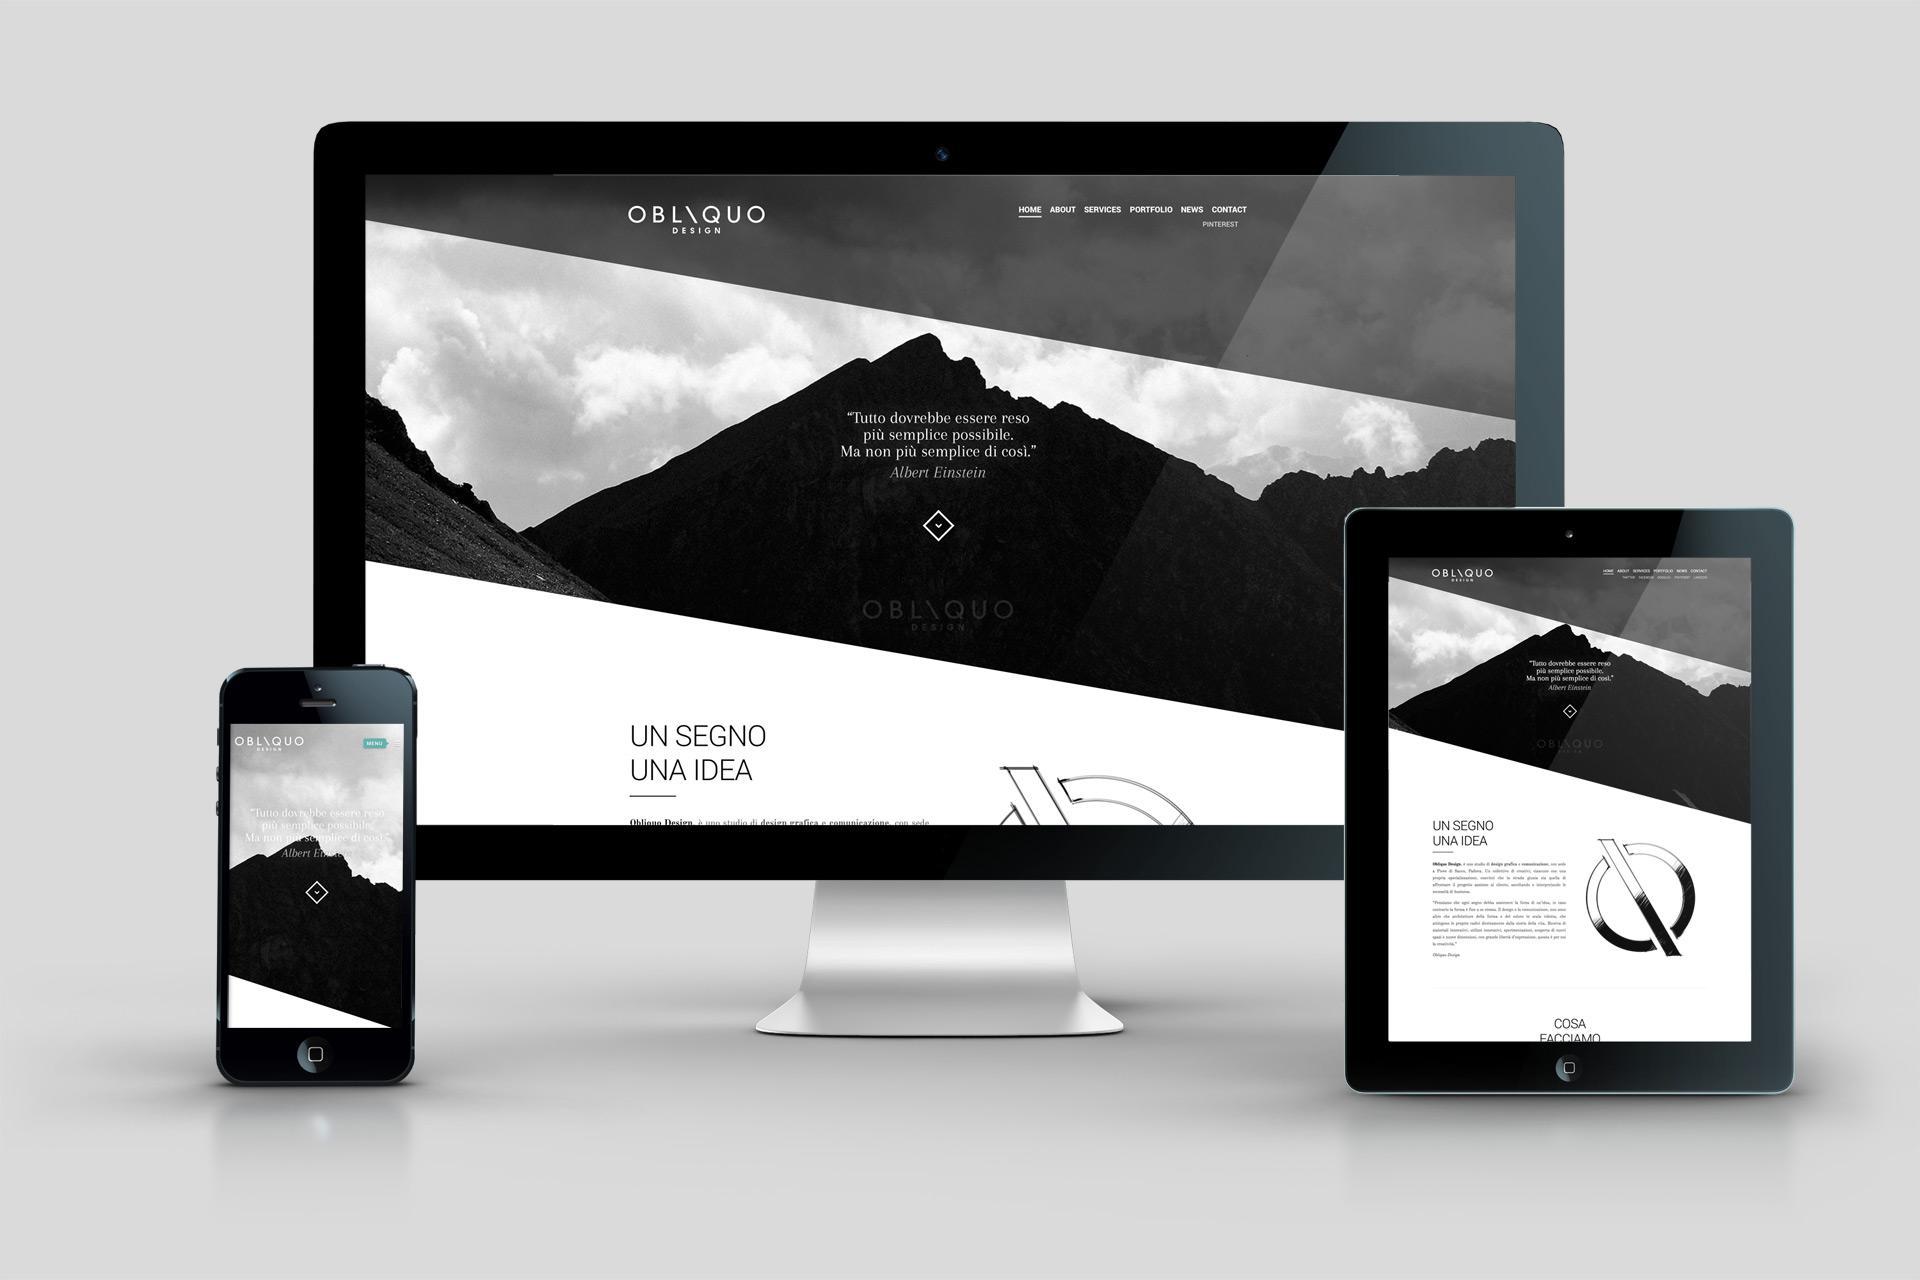 obliquo design realizza il tuo sito web per padova venezia